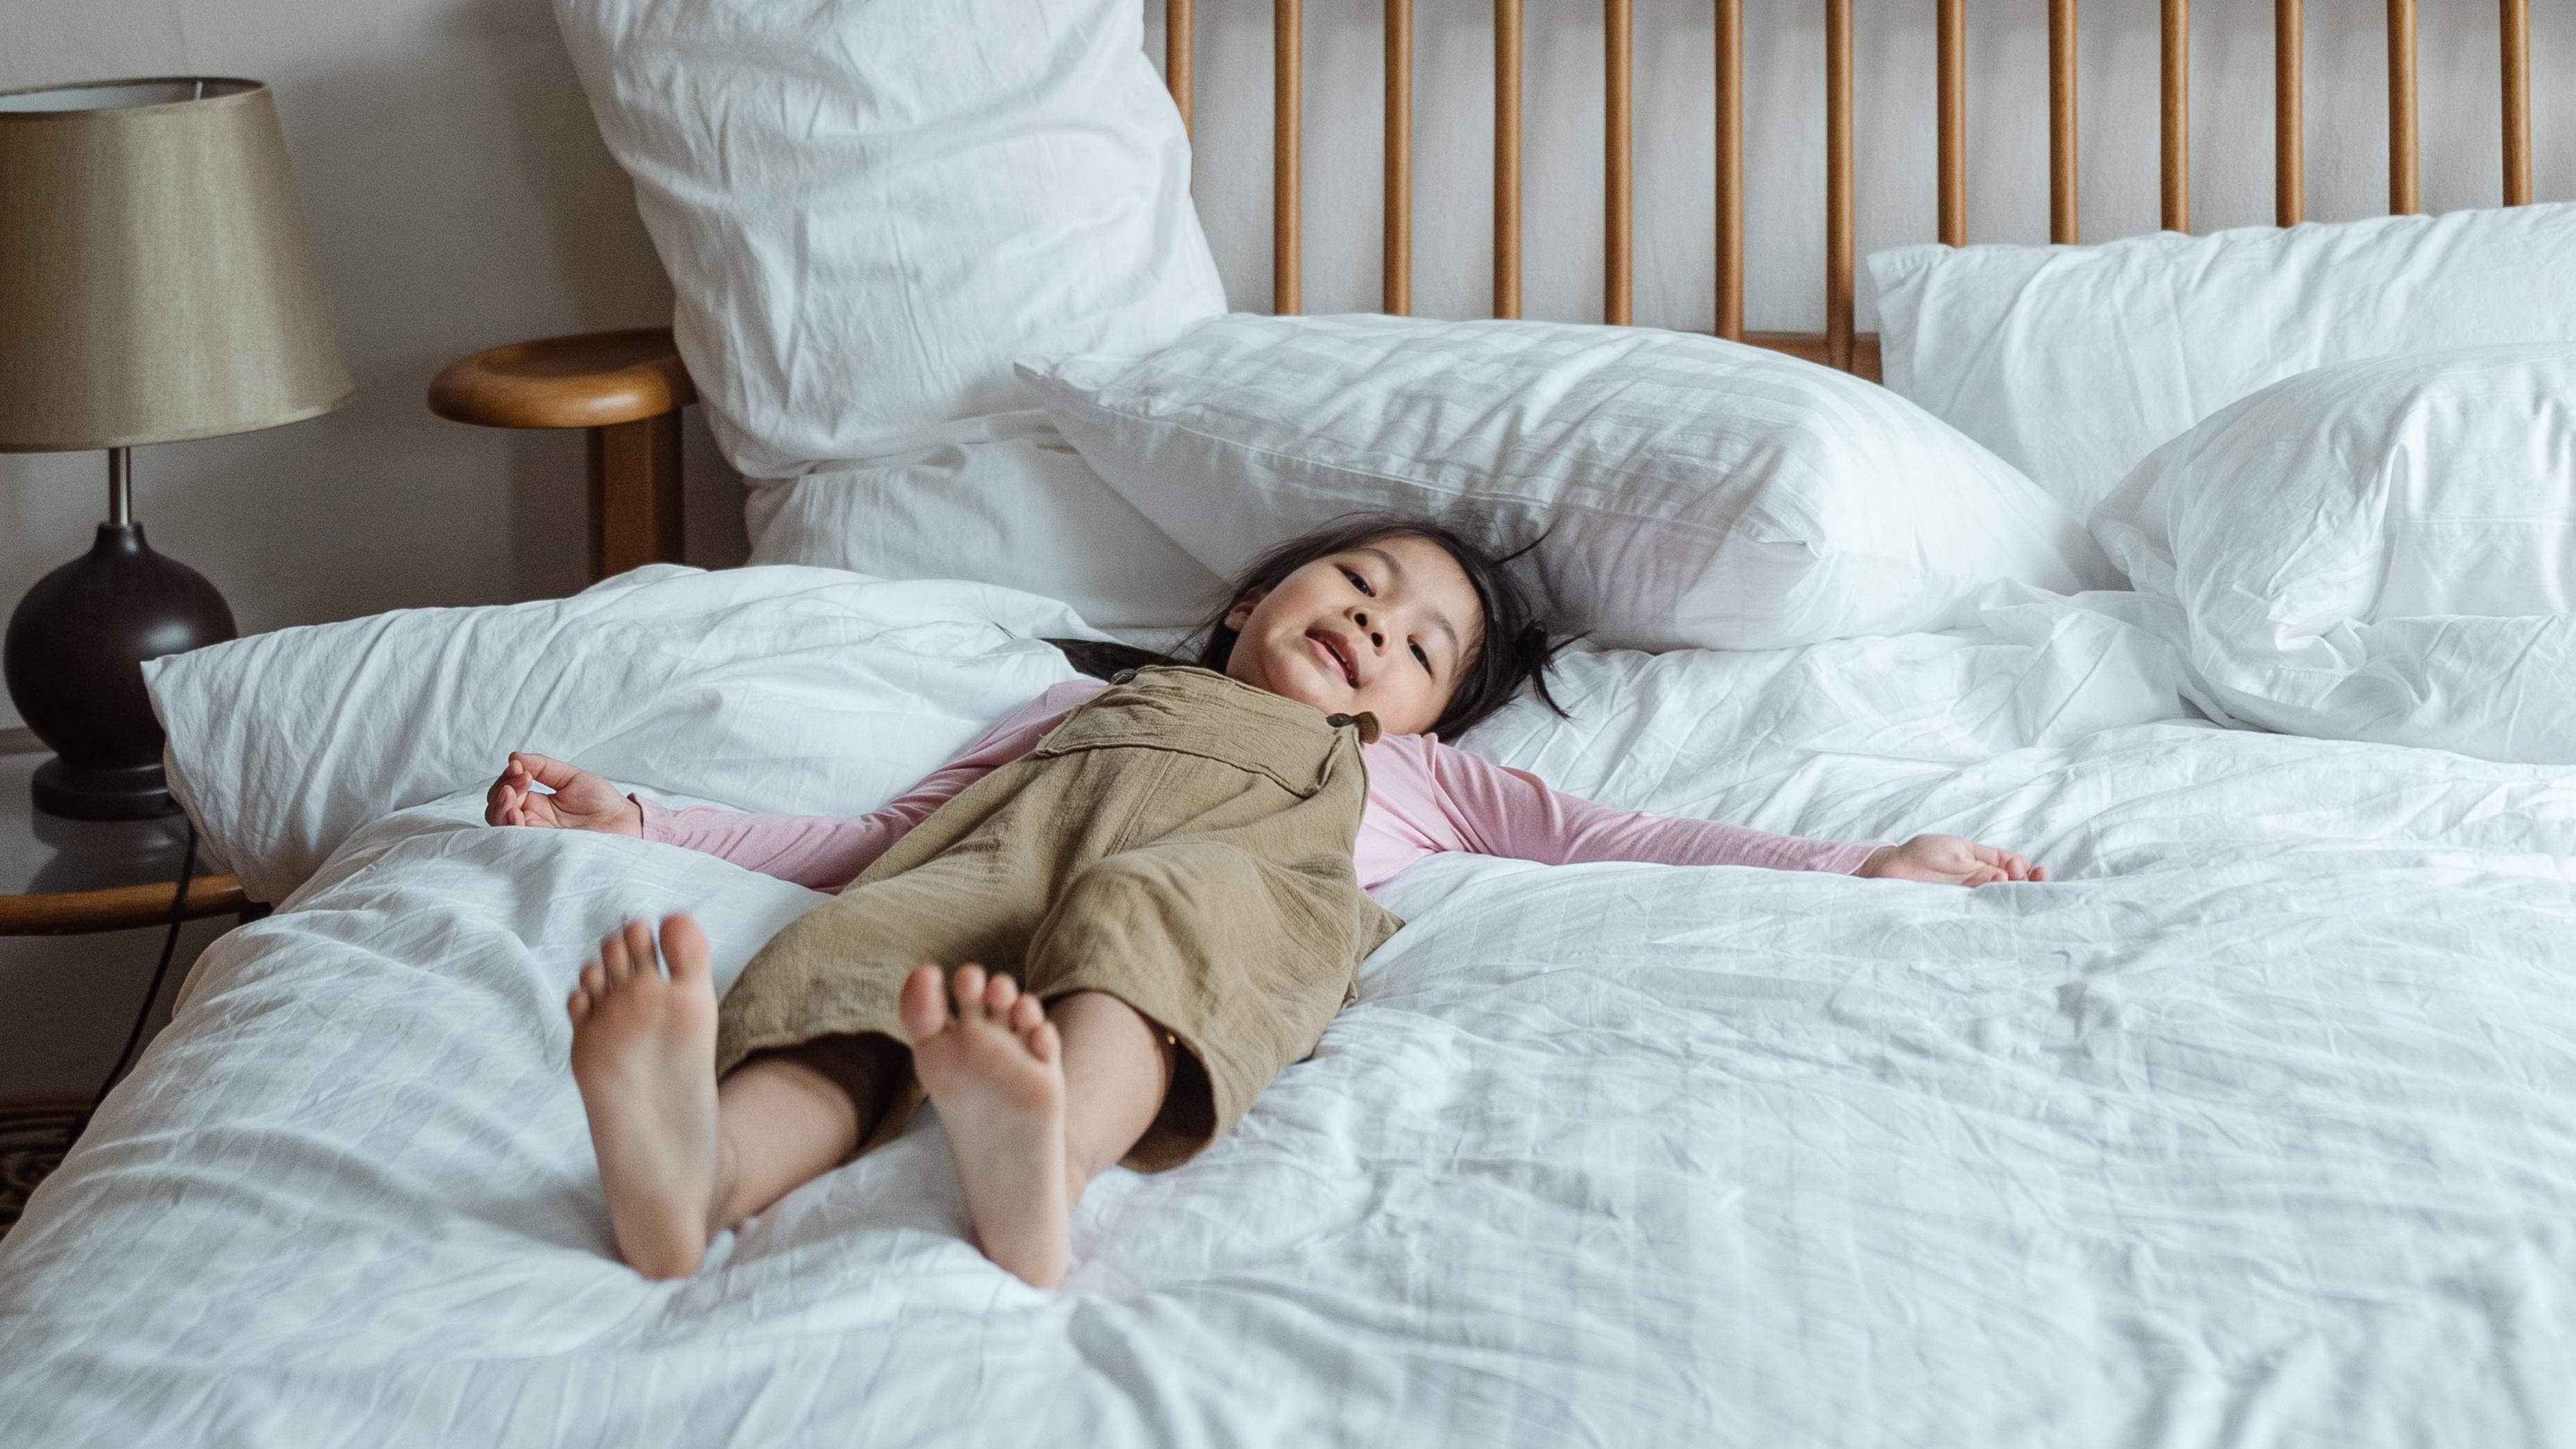 Achtsamkeit für Kinder ist spaßig und entspannend zugleich. Bei Gedankenreisen und Atemübungen sollte die Position gemütlich sein - zum Beispiel im Bett oder auf der Couch.